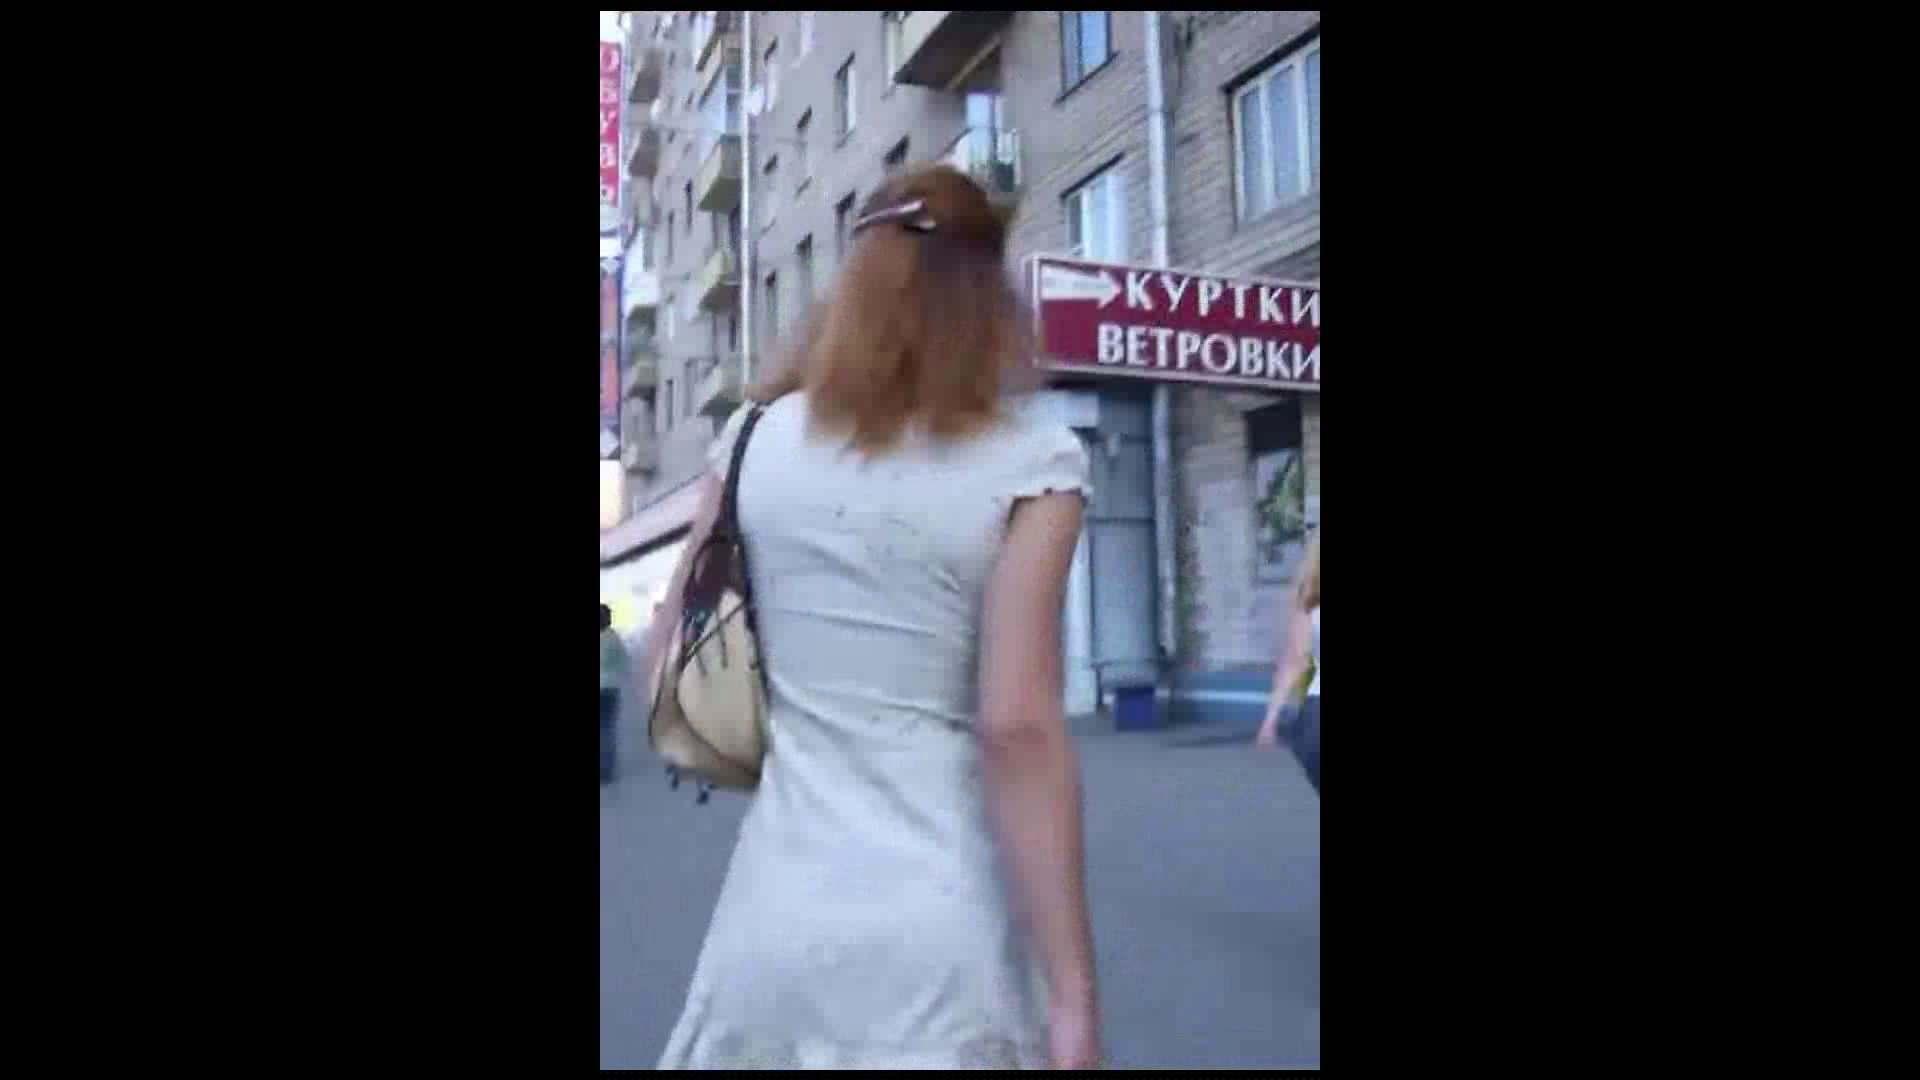 綺麗なモデルさんのスカート捲っちゃおう‼vol03 Hなお姉さん | 0  98pic 65